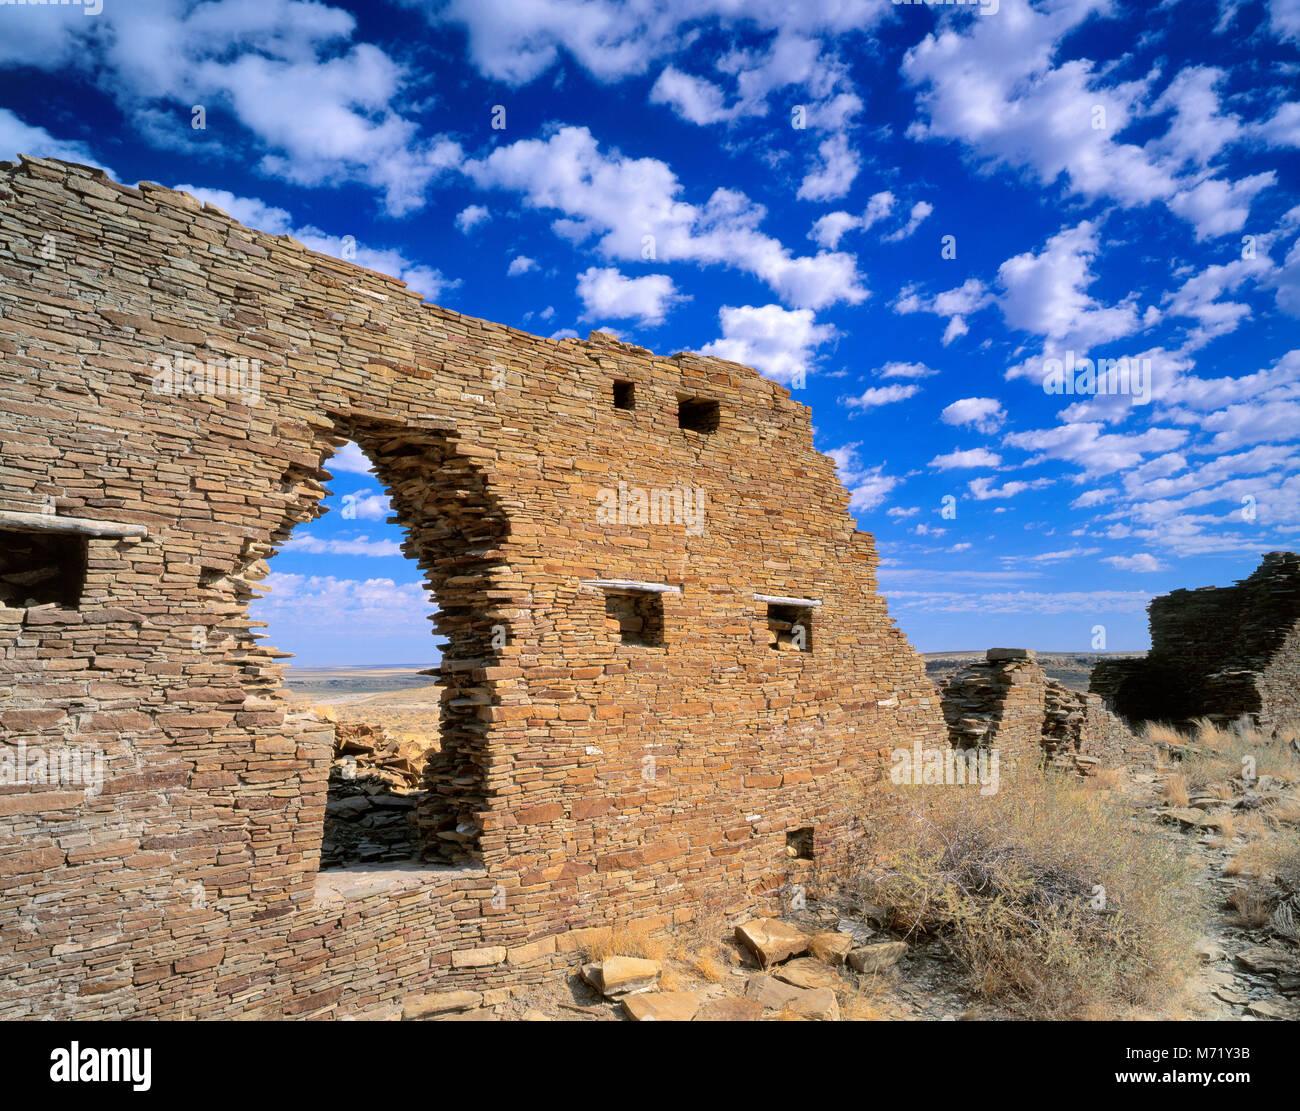 Rovine, Penasco Blanco, Chaco Culture National Historical Park, New Mexico Immagini Stock